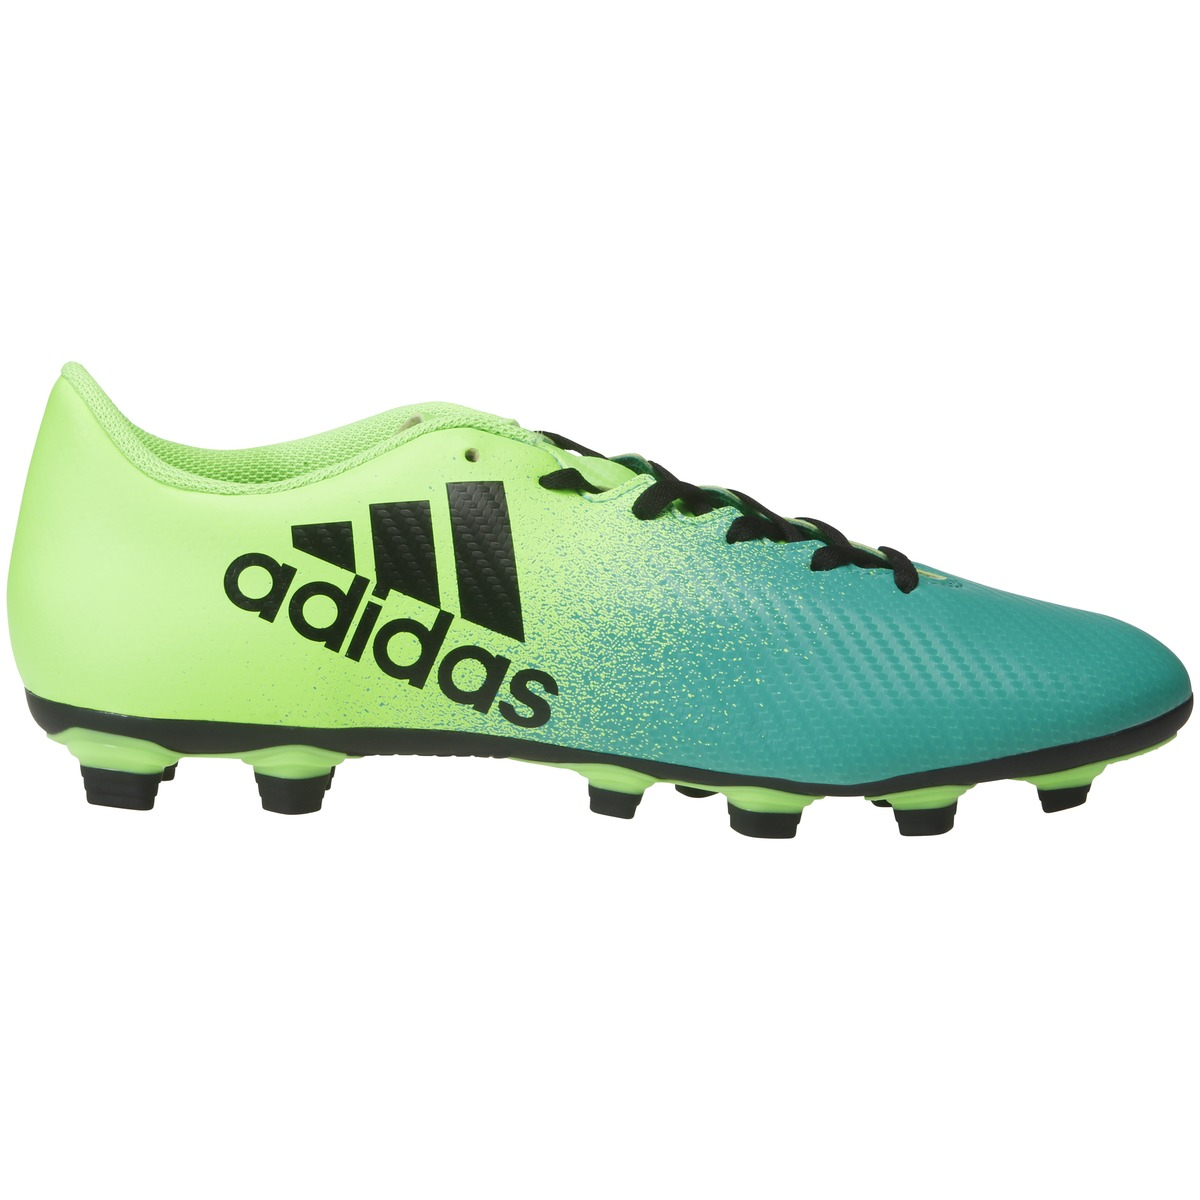 quality design 9186f 4b53f adidas x 16.4 fxg q2 17 fotbollssko senior fotbollsskor